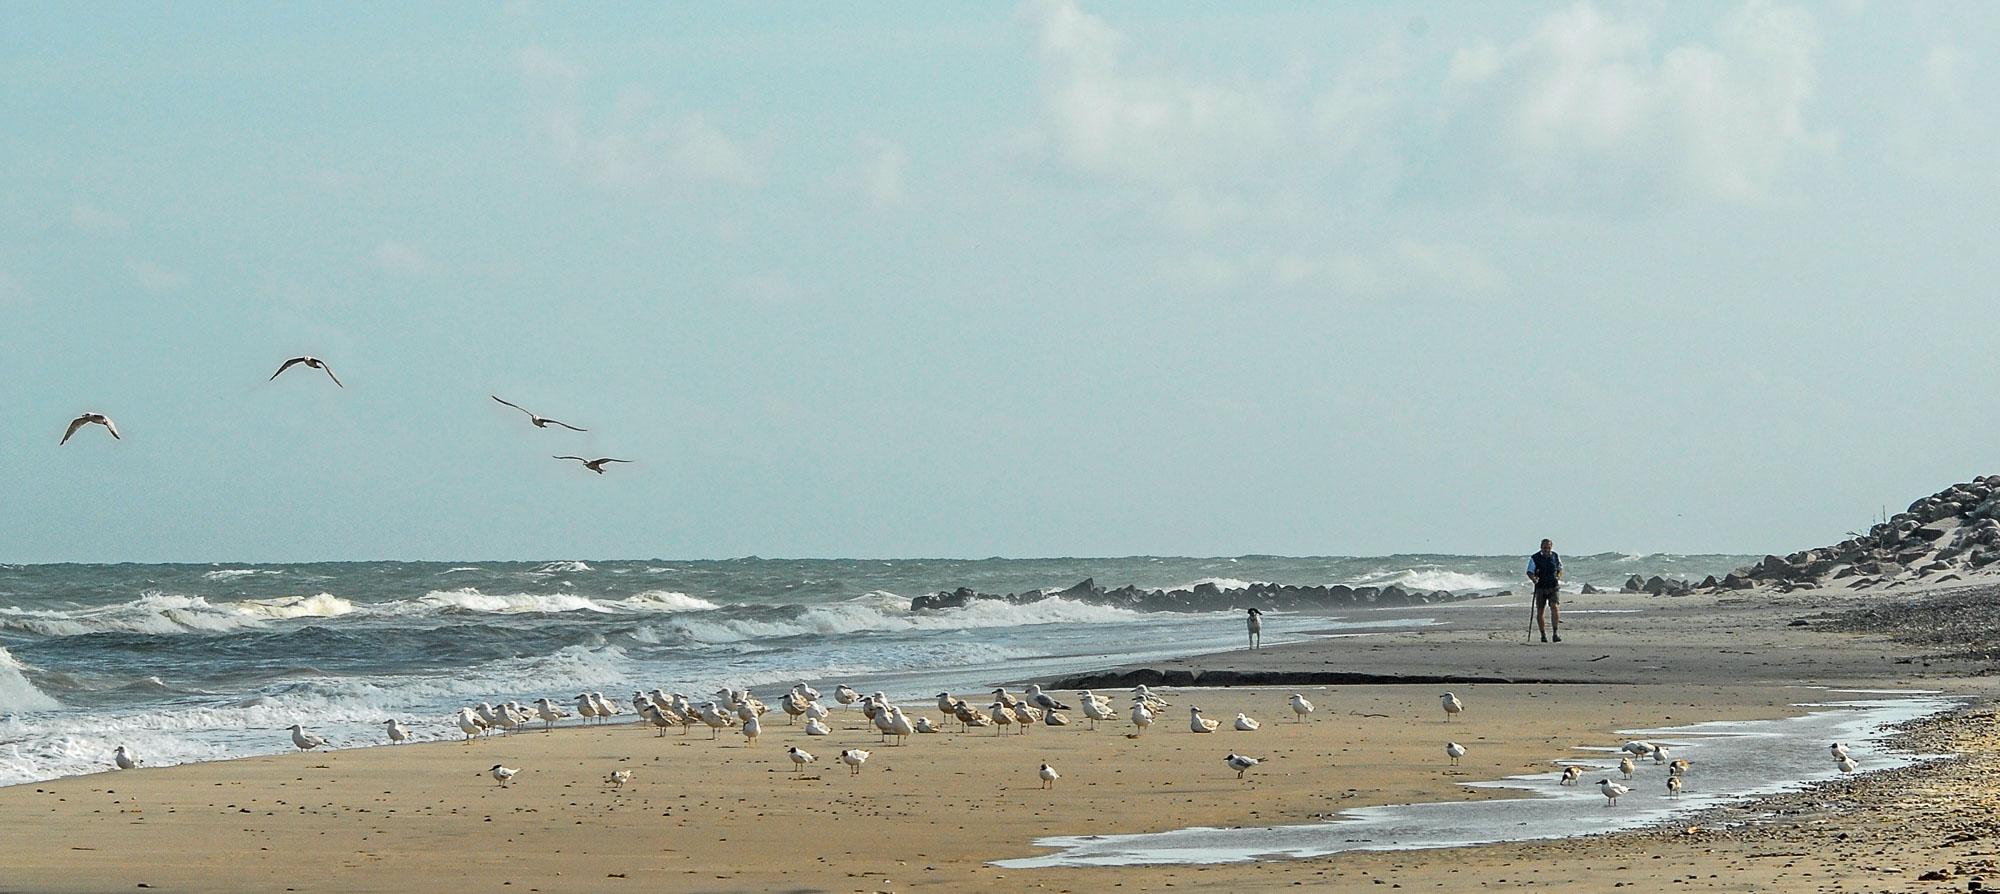 Bildet er fra Skagen i Danmark. For en som er oppvokst i innlandet er havet fascinerende, spesielt med det fine lyset som er i Skagen. Denne morgenen var intet unntak. På en morgentur møtte jeg denne mannen som var ute og luftet hunden. Havet, stranden og fuglene sammen med mannen og hunden ble et fint motiv. Jeg tok mange bilder, flest der fuglene satt rolig, men likte best dette der fuglene er i lufta.